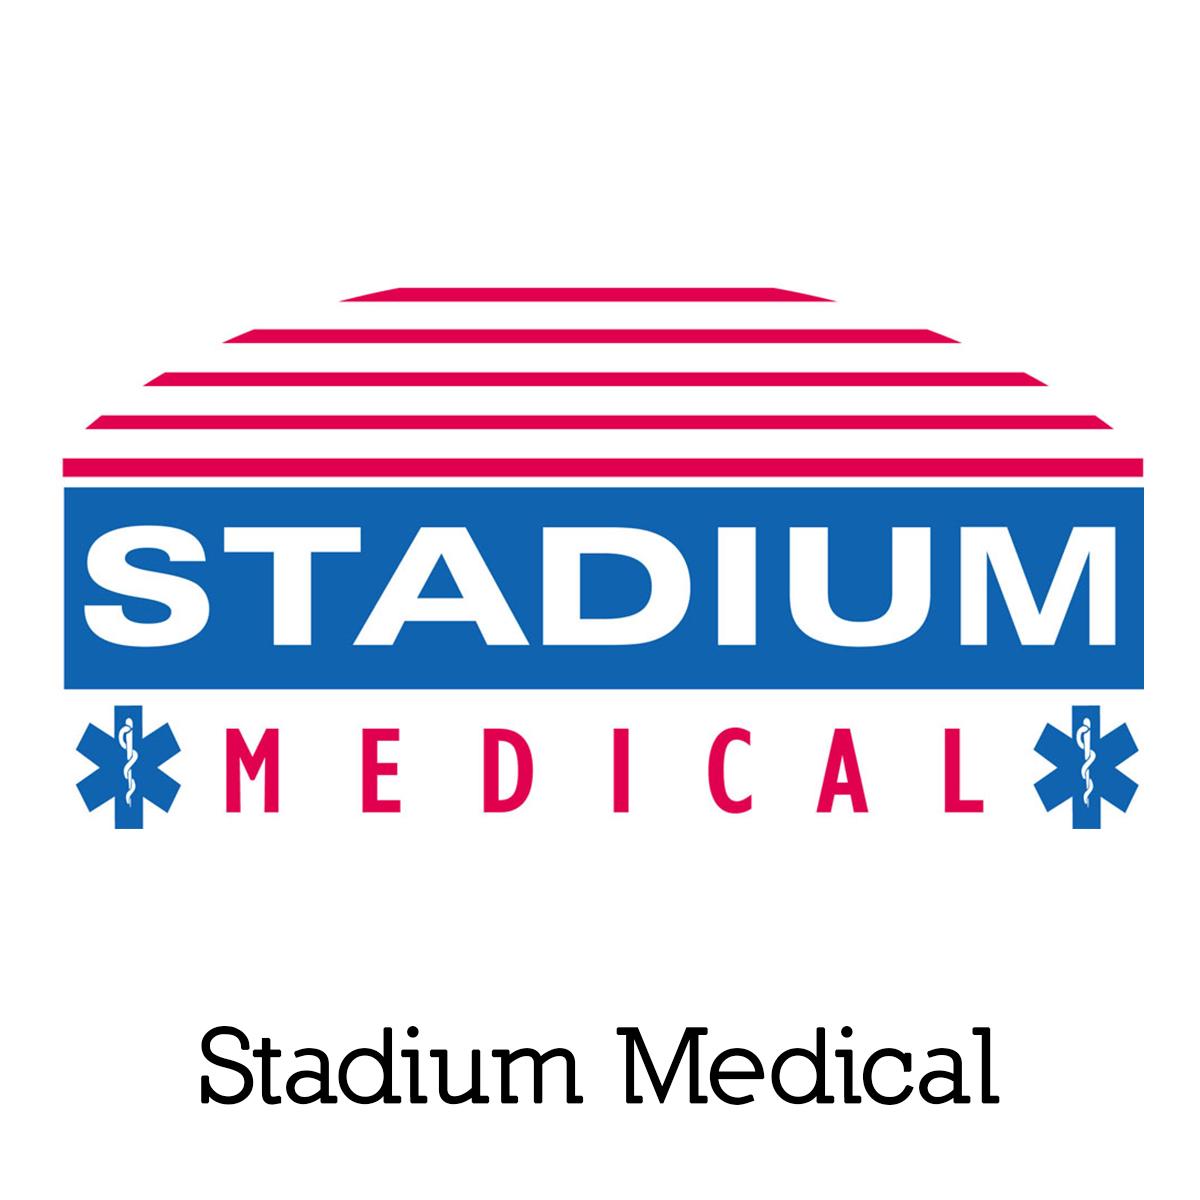 stadium-medical_resized-for-web.jpg